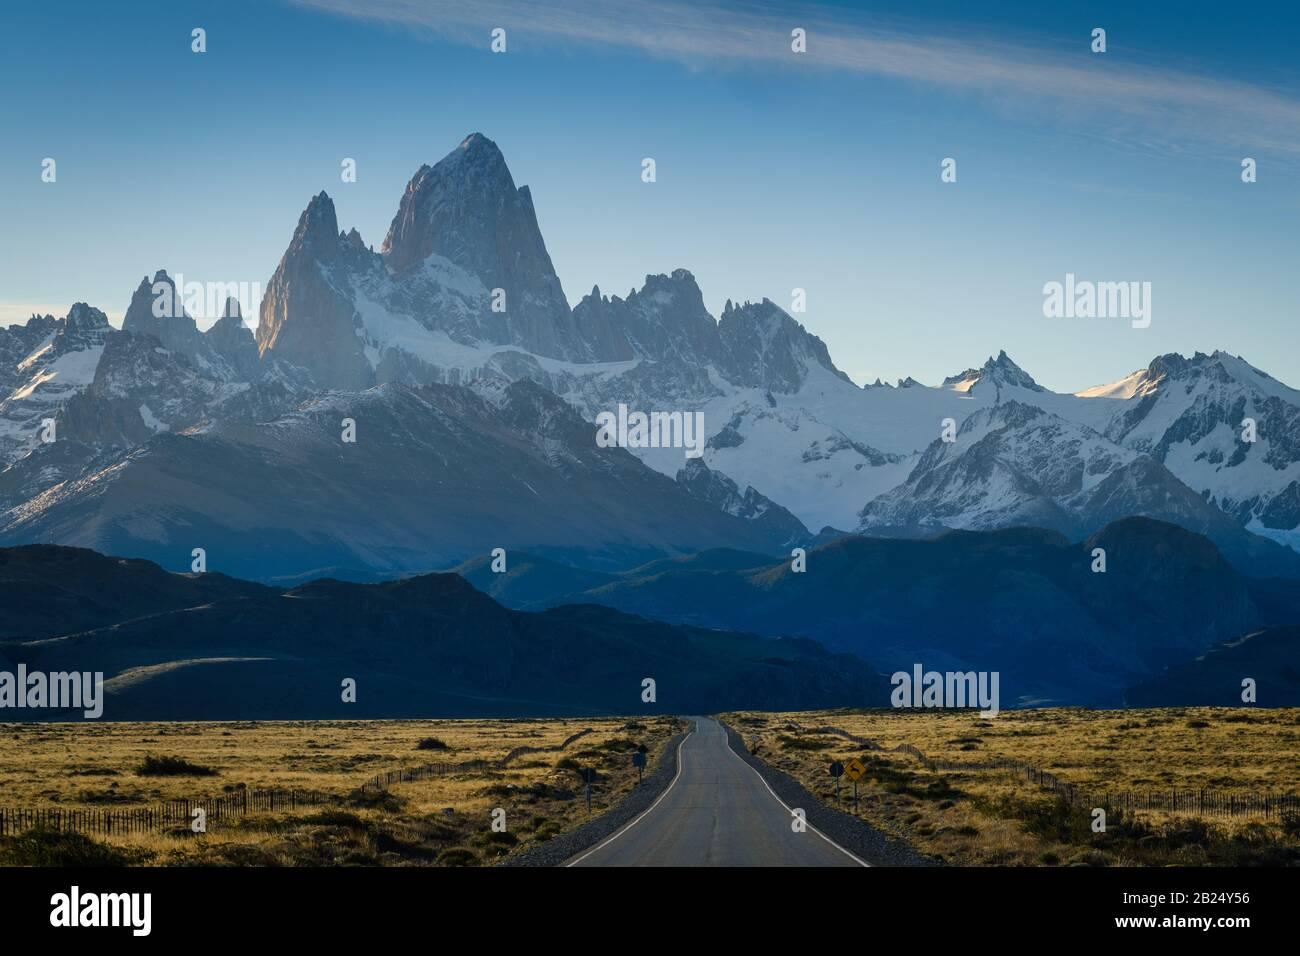 PARQUE Nacional LOS GLACIARES, ARGENTINA - ALREDEDOR DEL 2019 DE FEBRERO: Ruta en la Patagonia cerca de el Chalten en el Parque Nacional los Glaciares en Argentina. Foto de stock